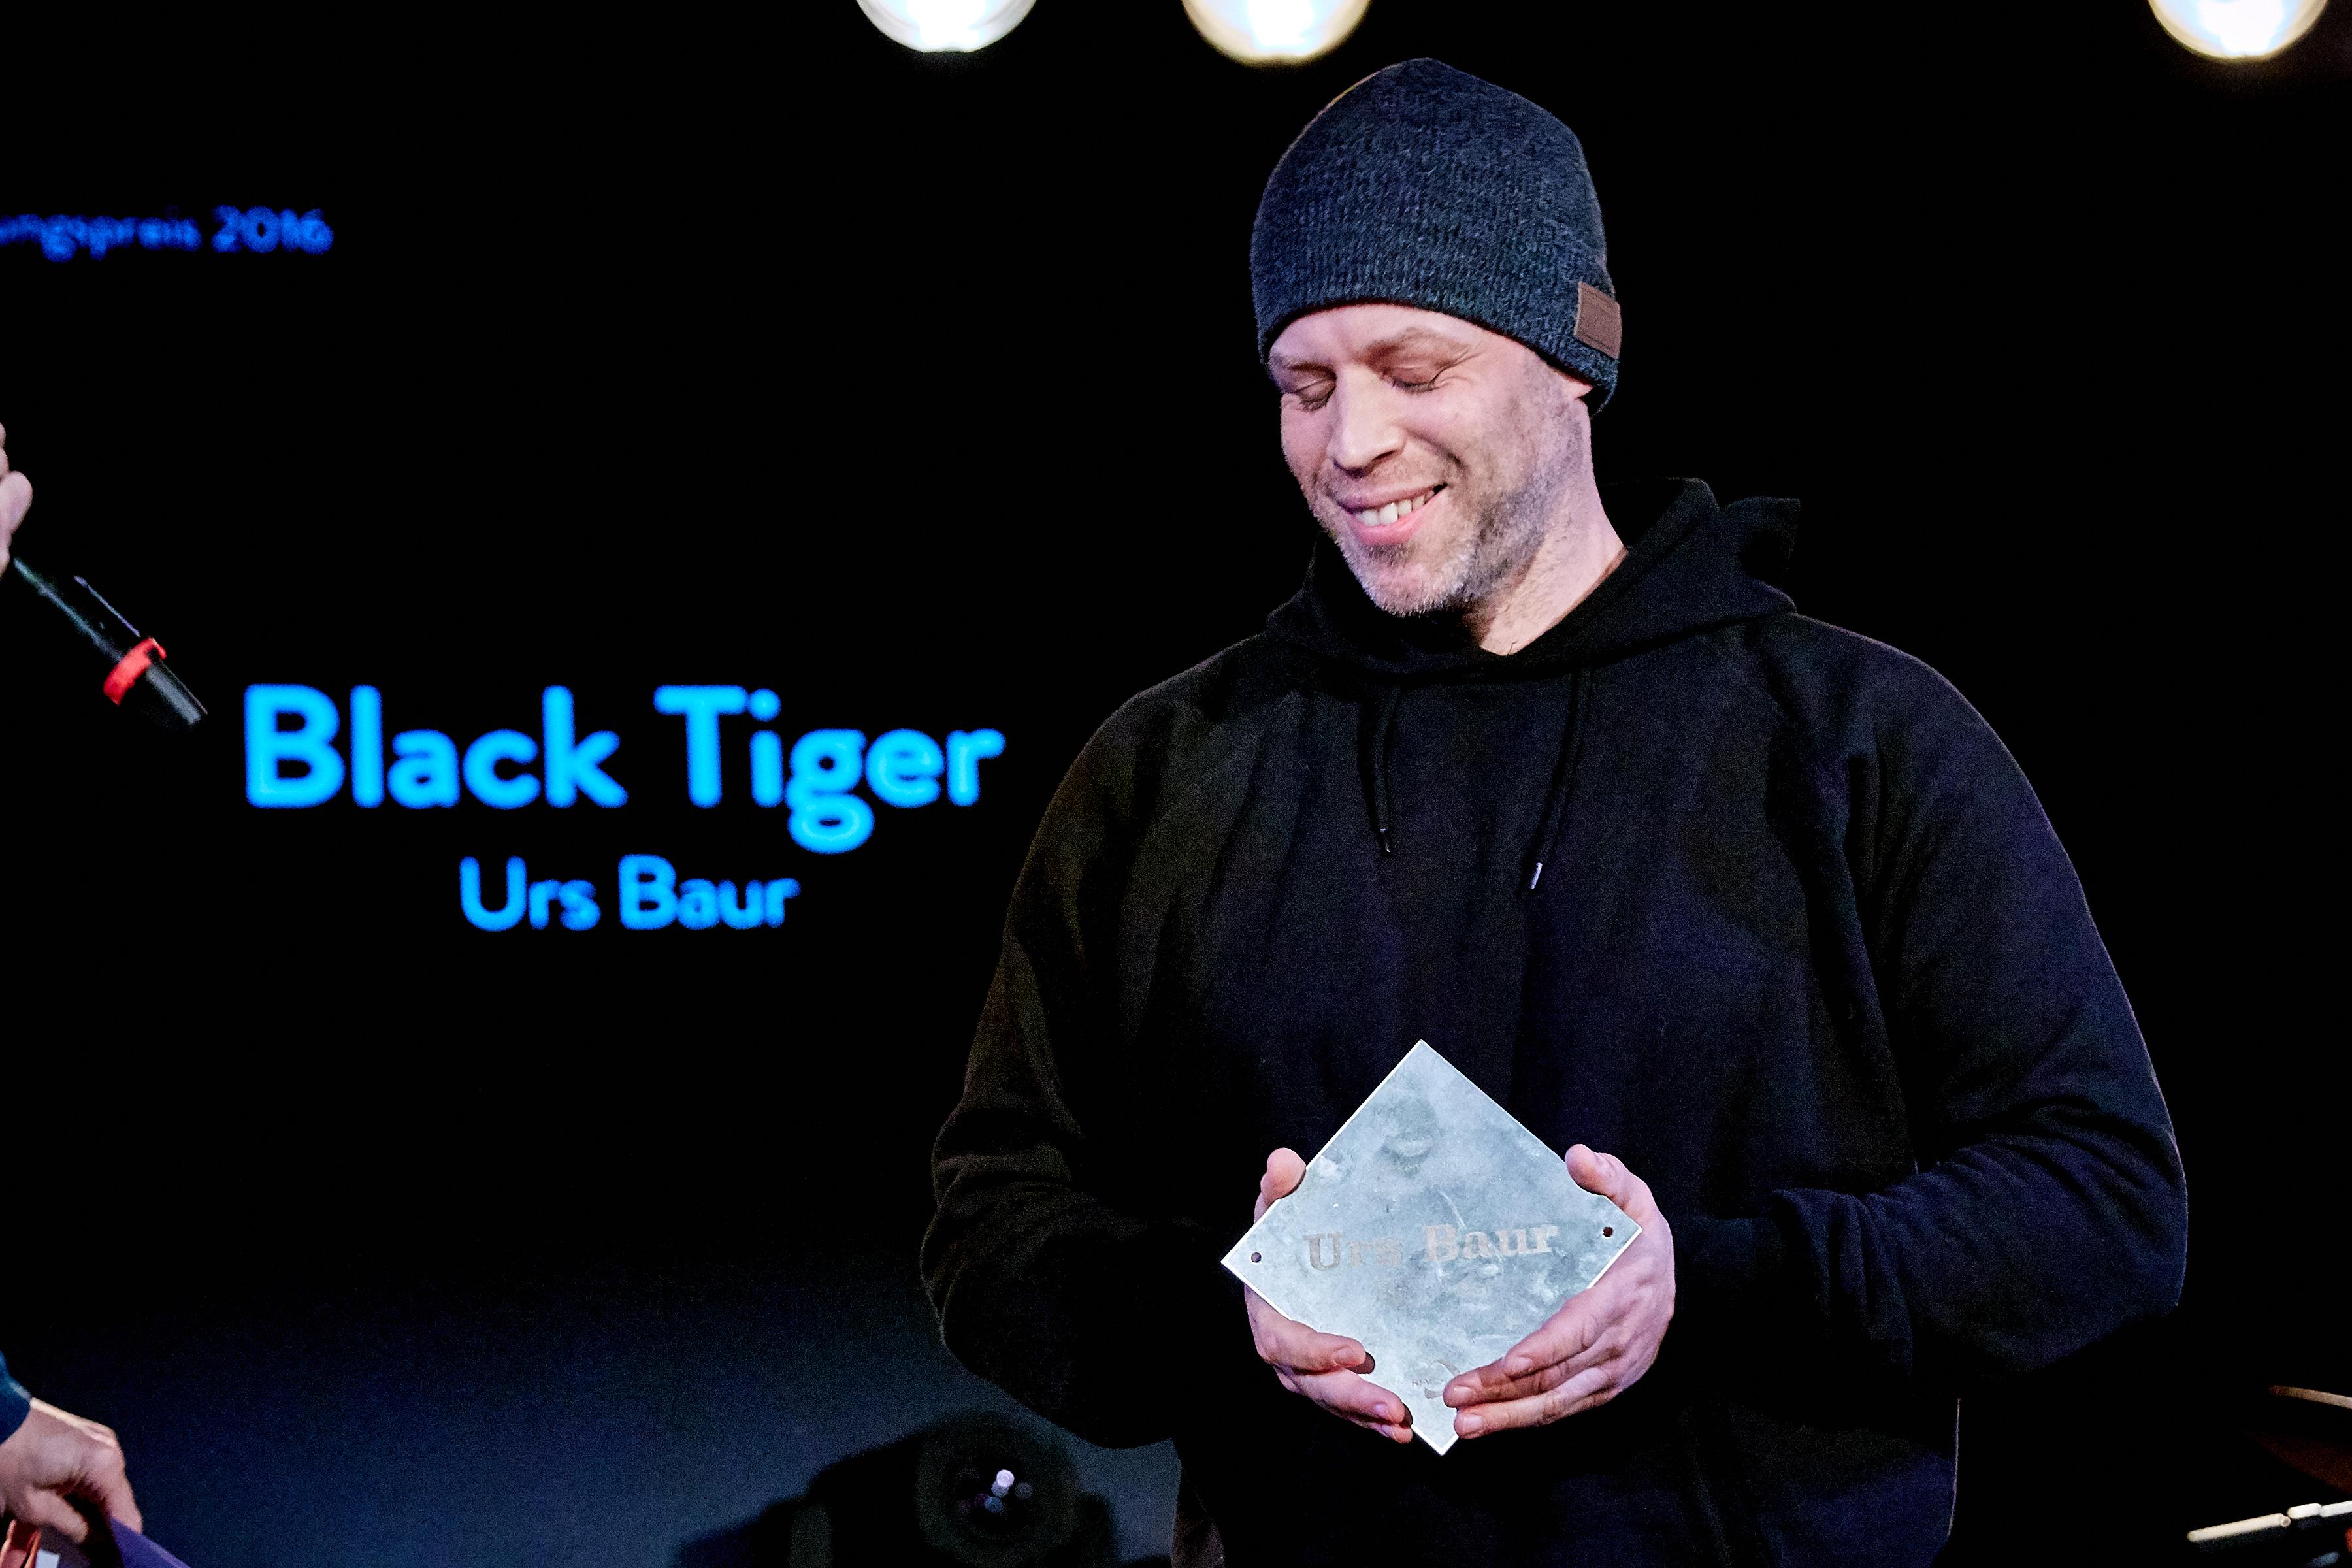 Anerkennungspreis für sein langjähriges Schaffen: Black Tiger.